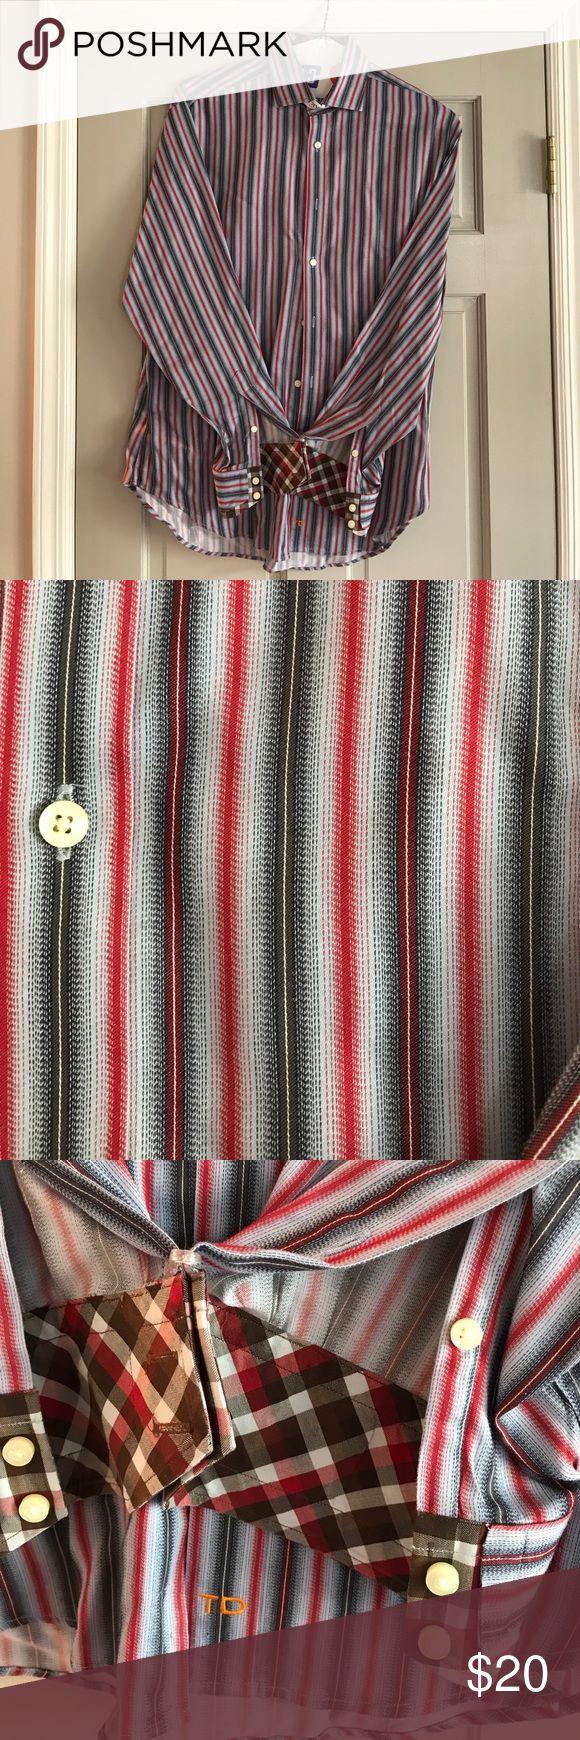 Thomas Dean casual button down shirt Medium casual button down red/black/grey striped (worn once) Thomas Dean Shirts Casual Button Down Shirts